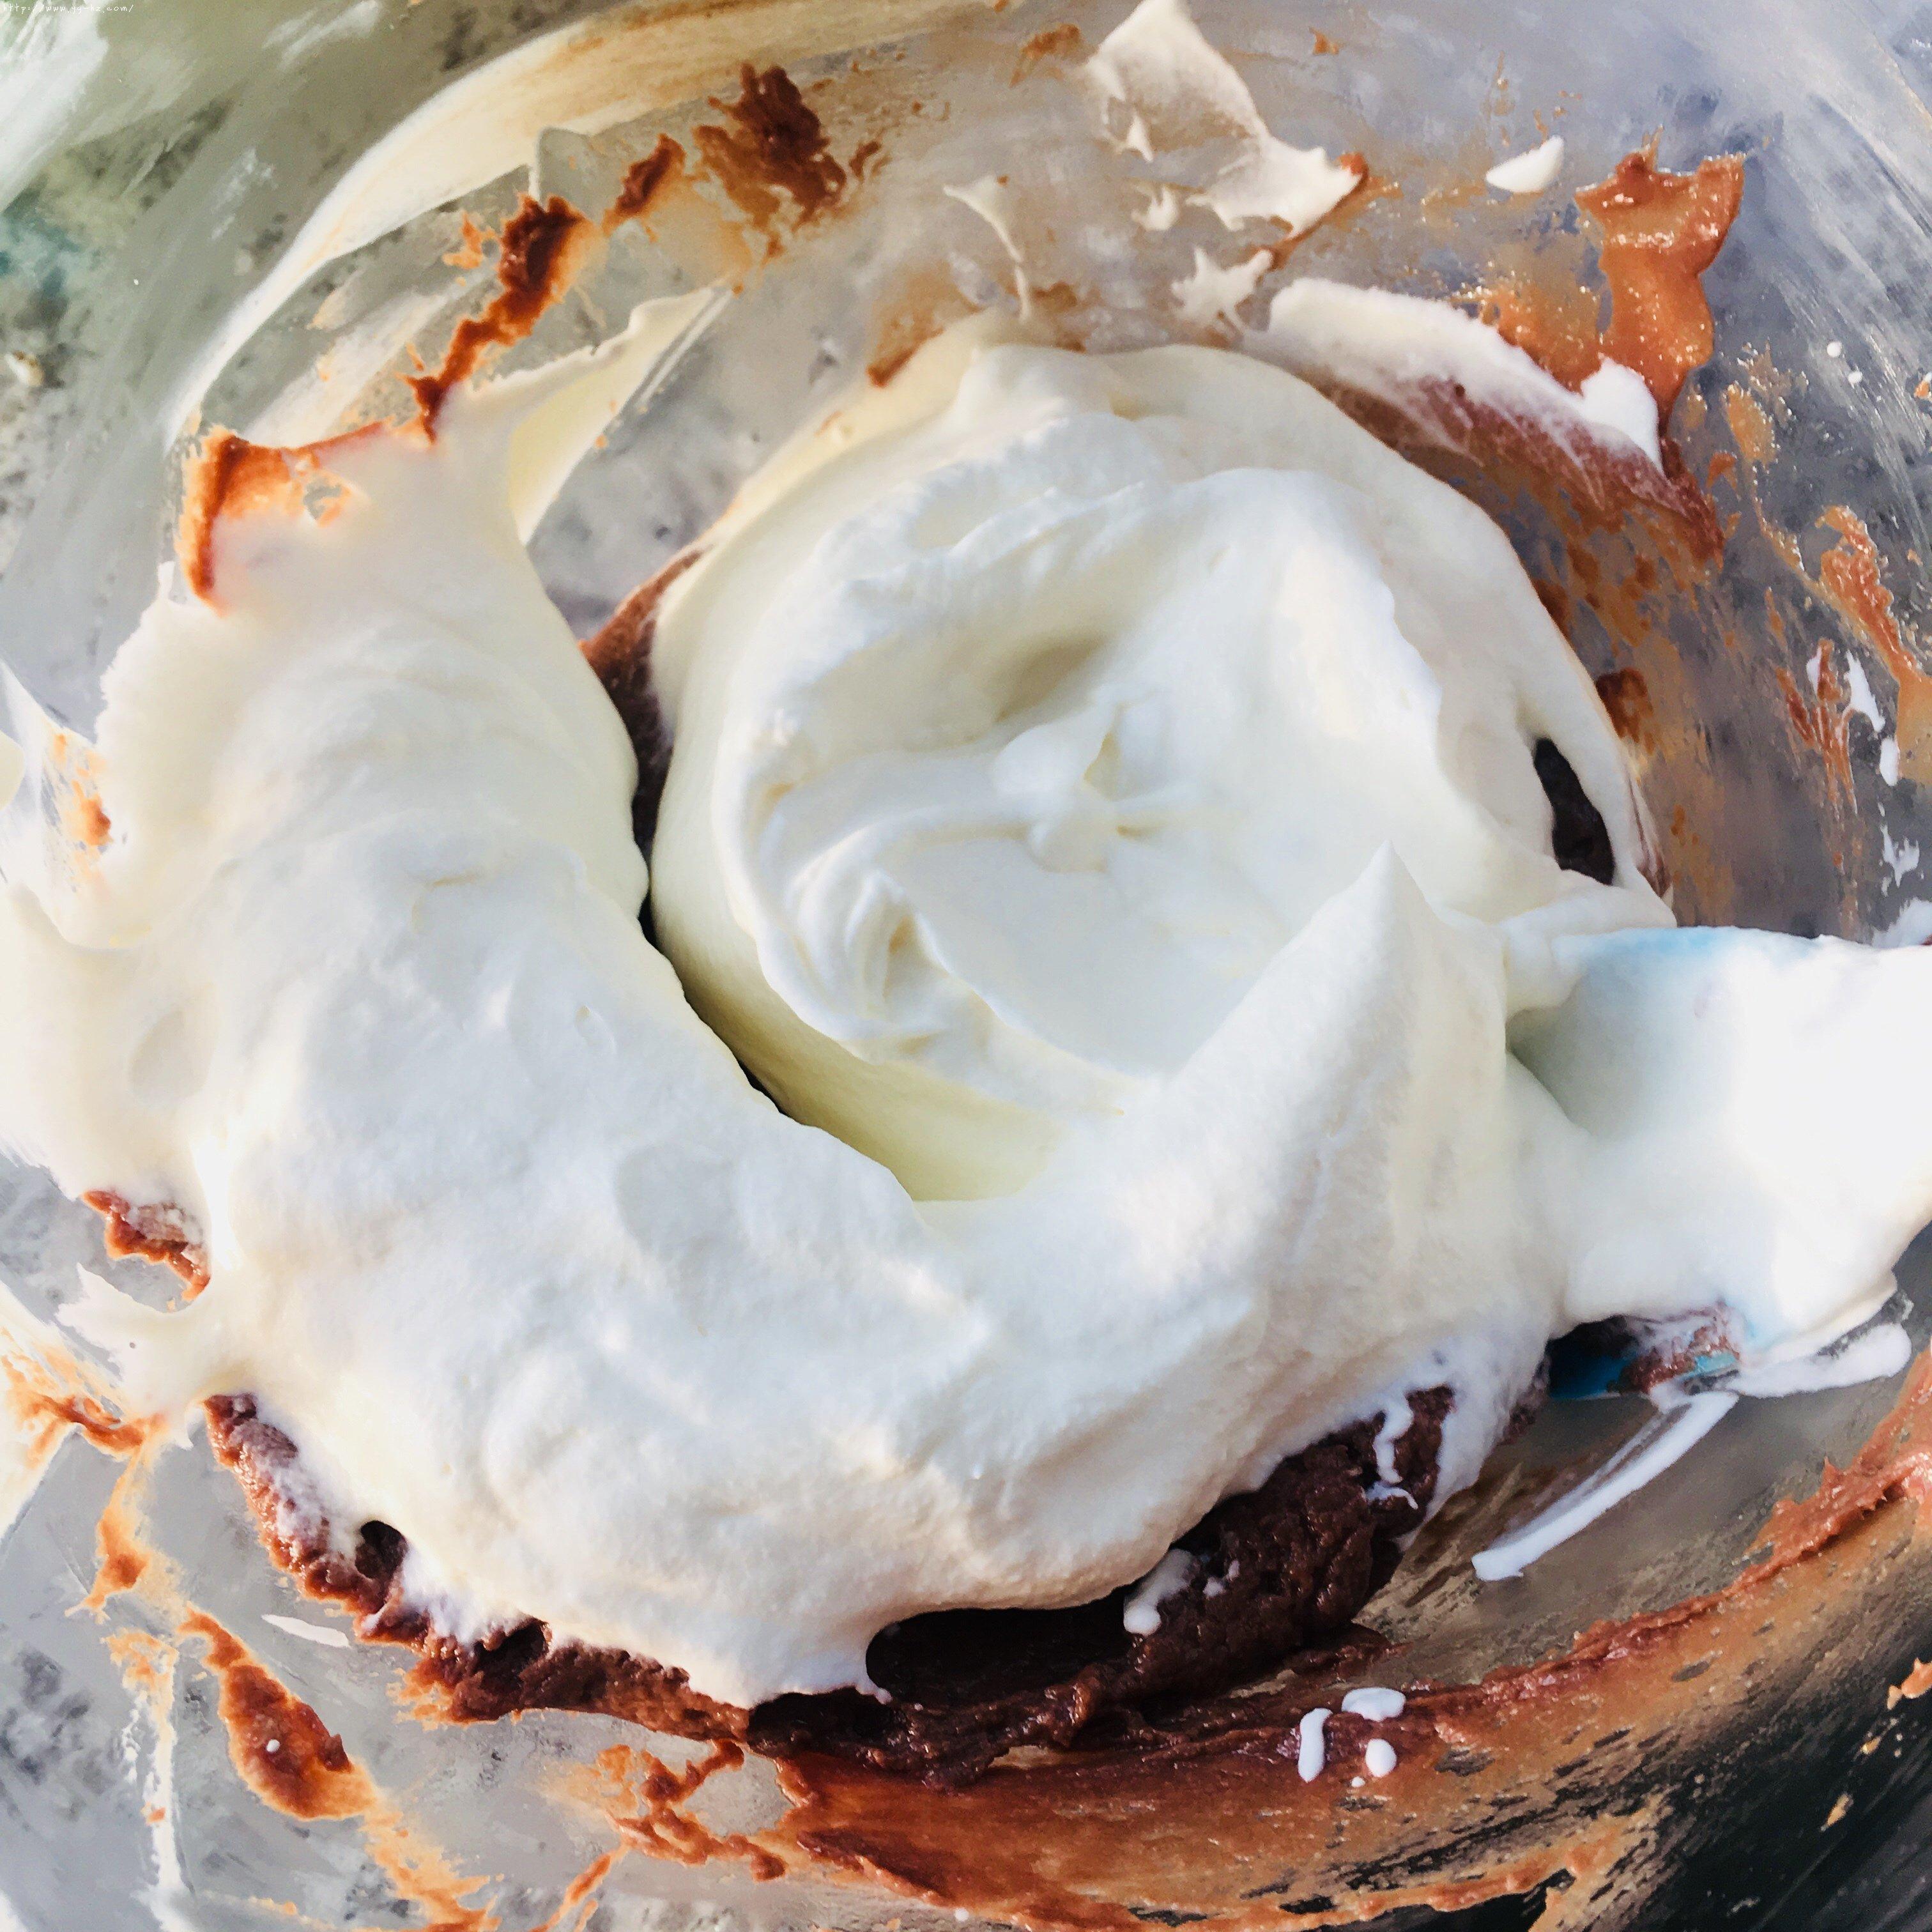 巧克力冰淇淋蛋糕(奥利奥)无敌快手简单的做法 步骤10